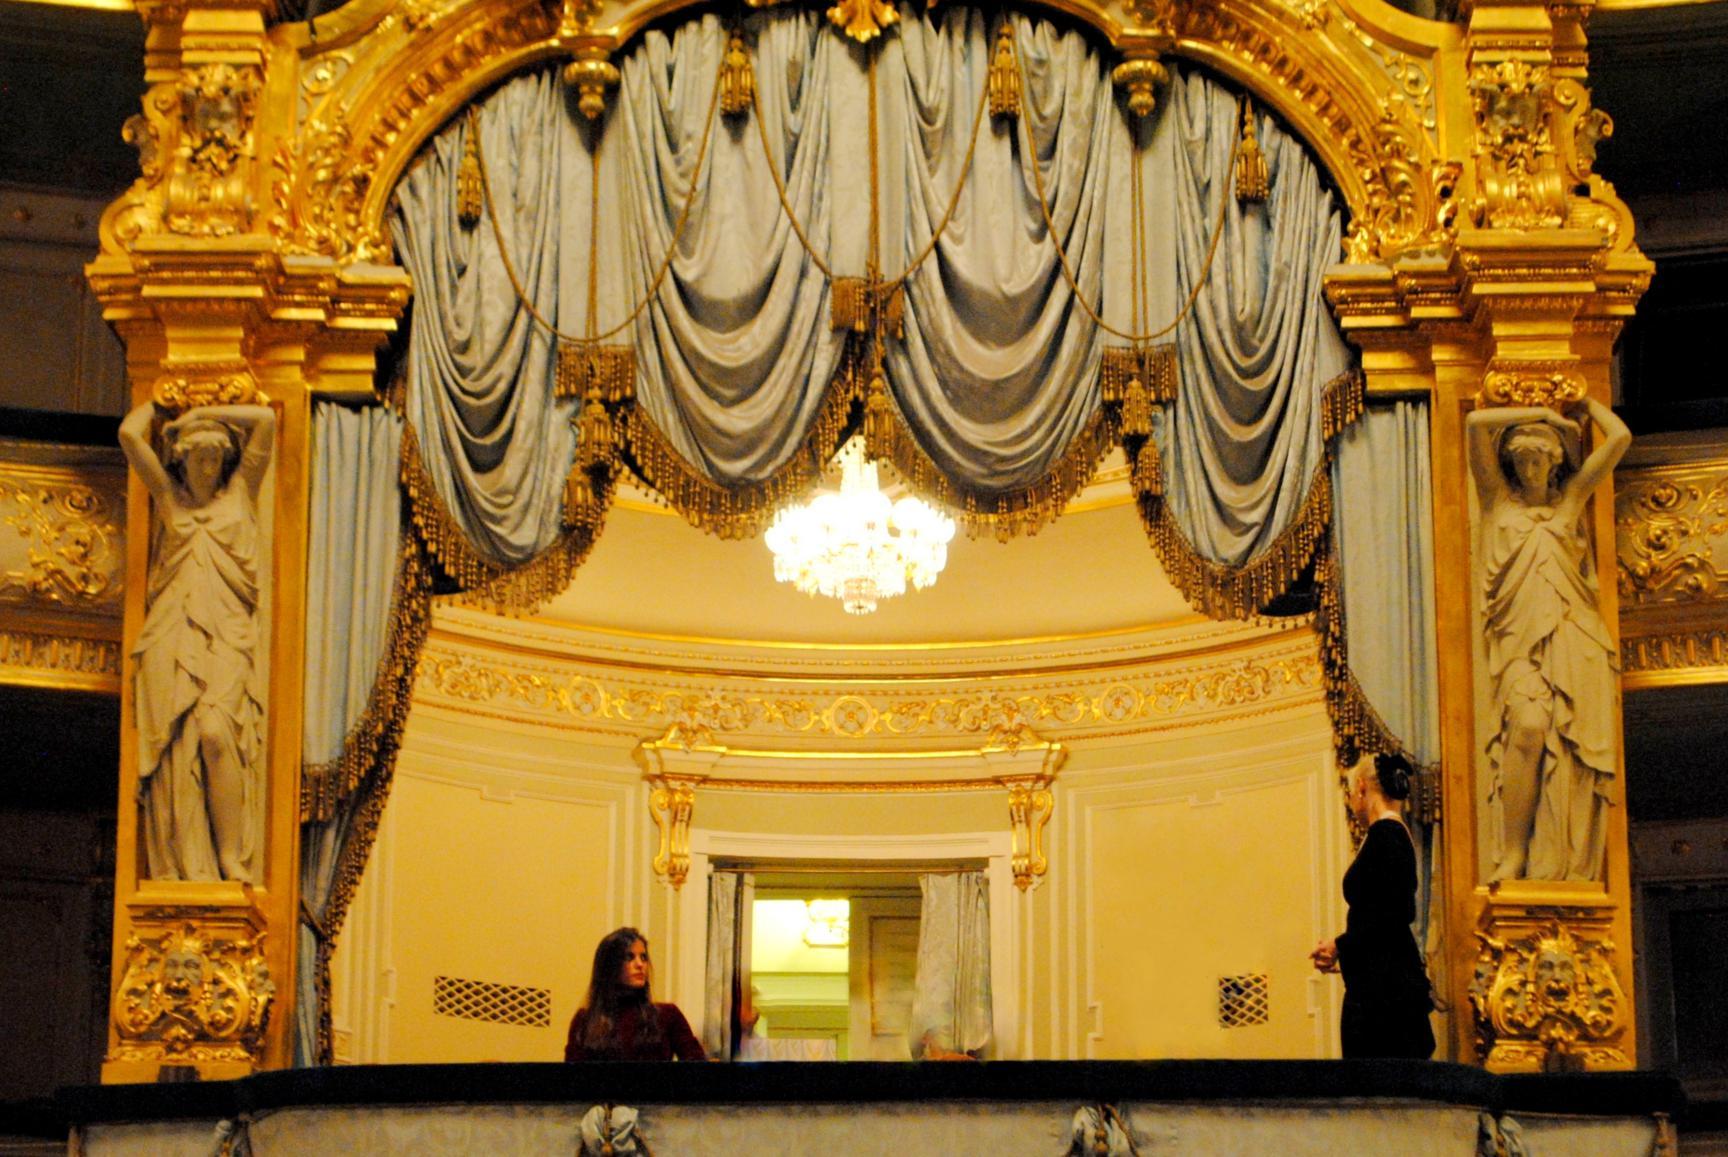 obra-teatro-mariinsky-1